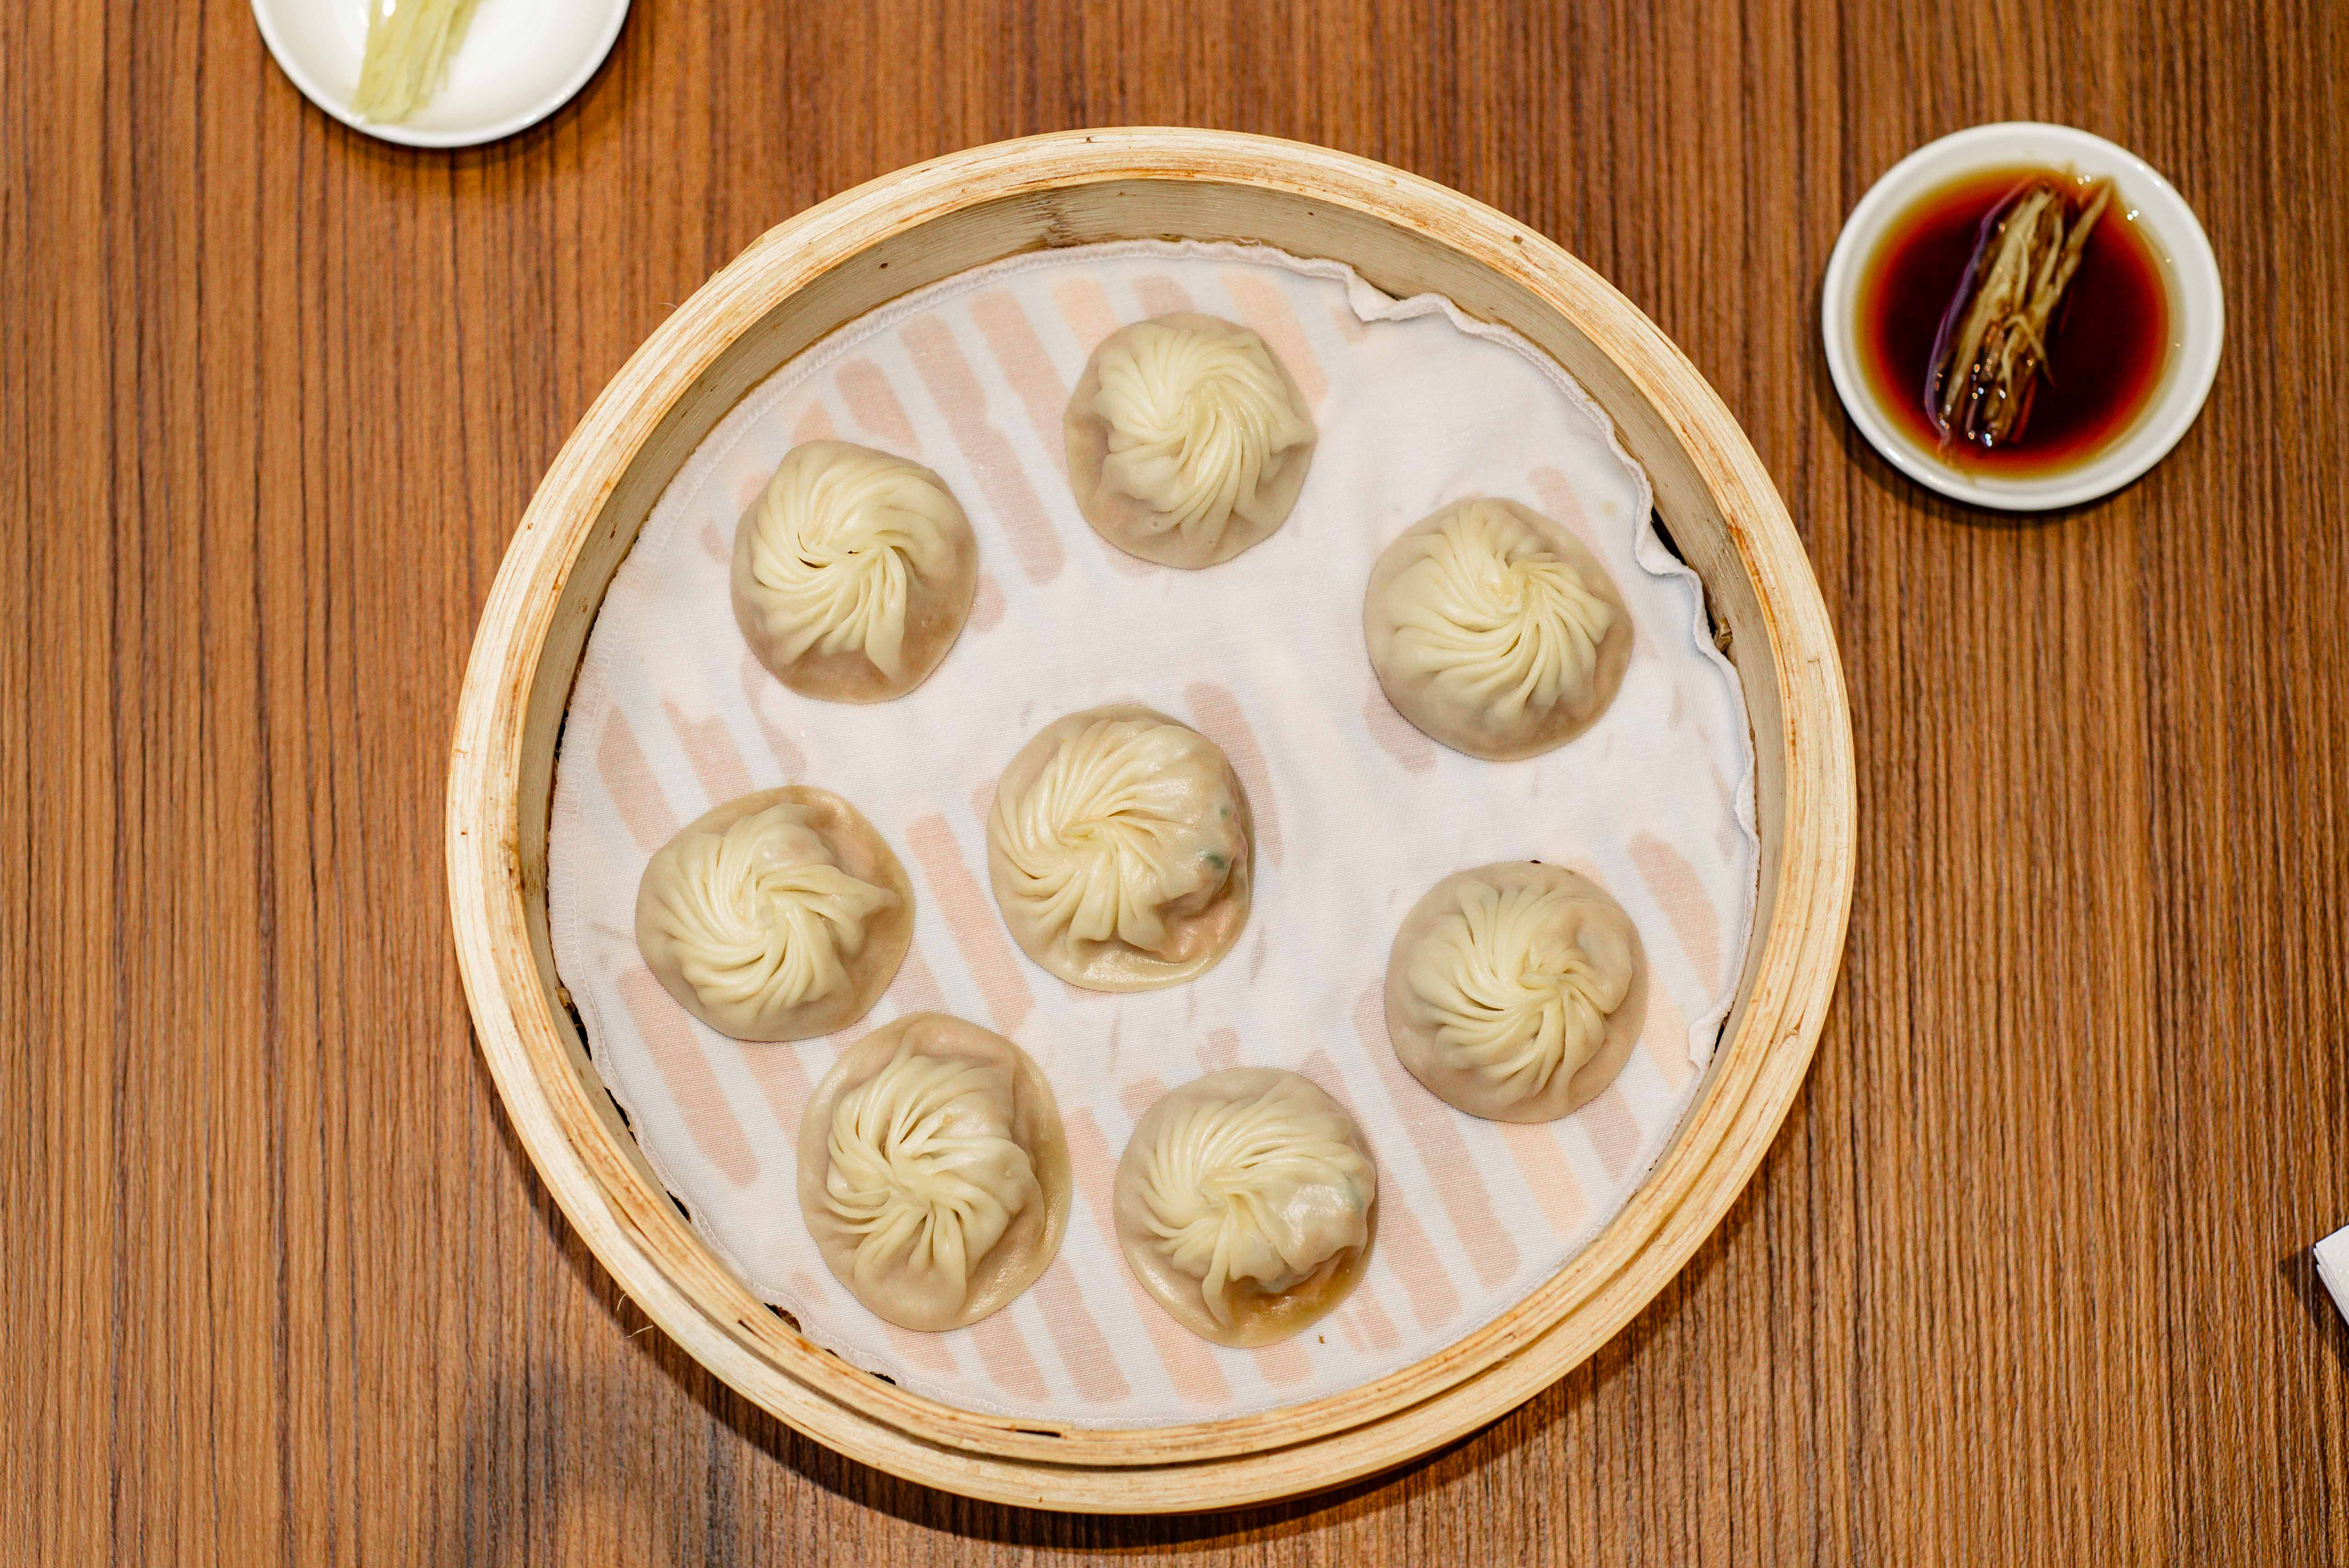 Xiaolongbao dumplings at Din Tai Fung's London Taiwanese dumpling restaurant now open in Covent Garden